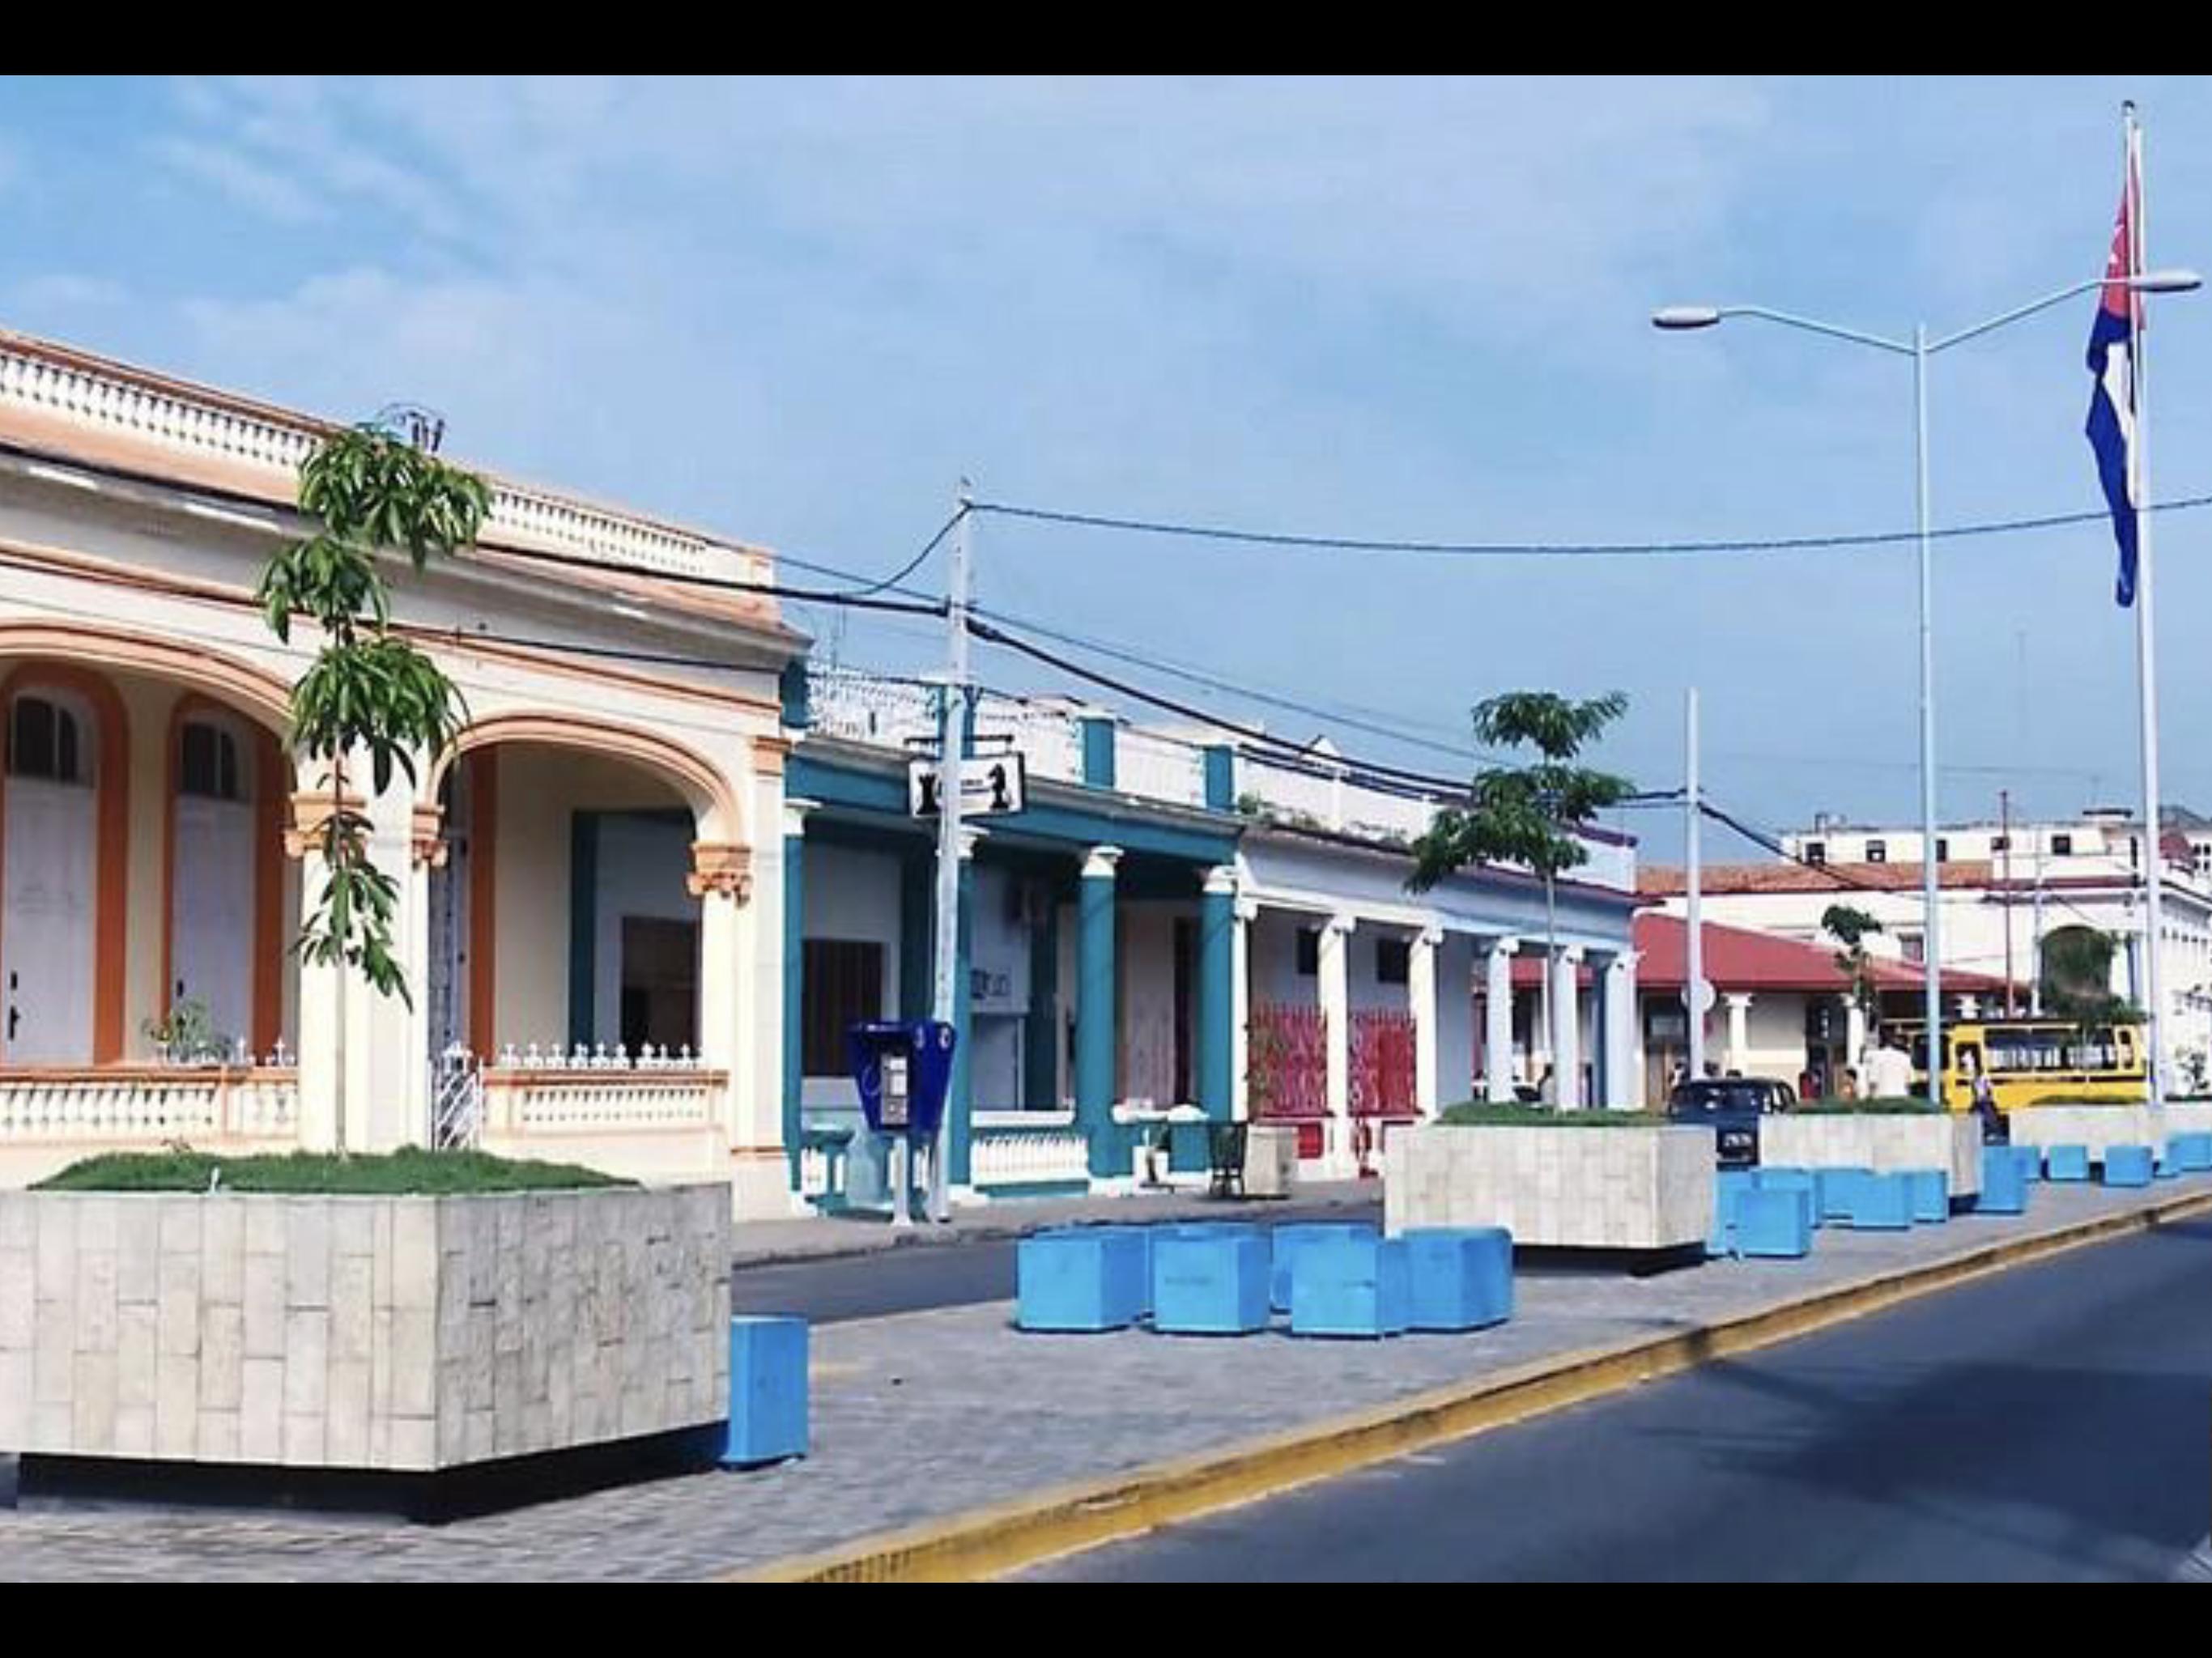 Cartera de oportunidades del Ministerio de la Construcción incluye complejo hotelero *